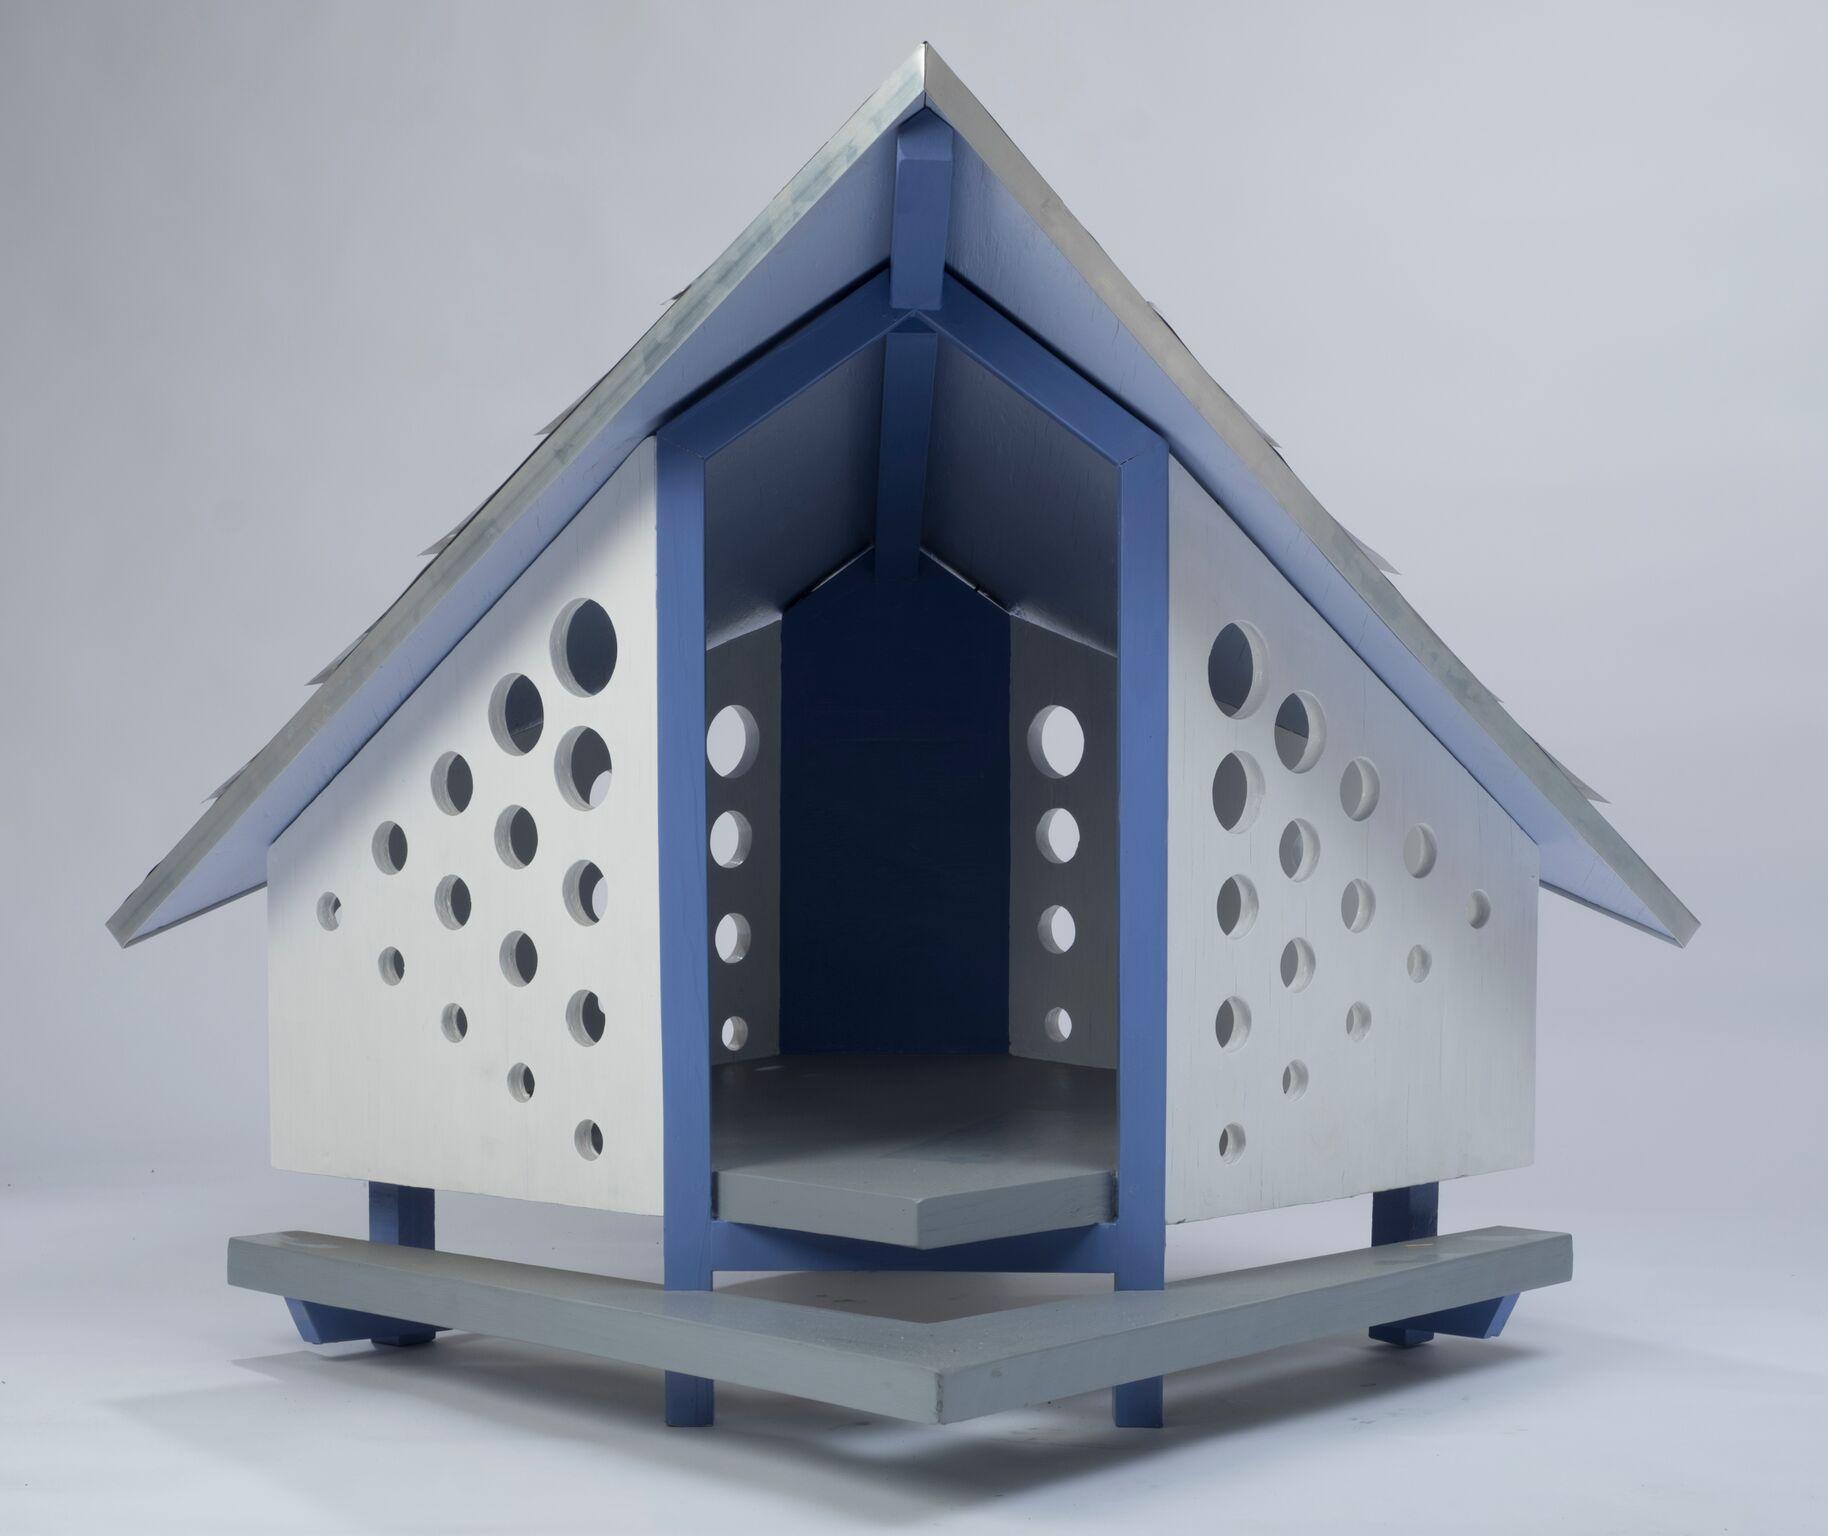 Lot 29 - Fleischman Garcia Architects - Pawvillion